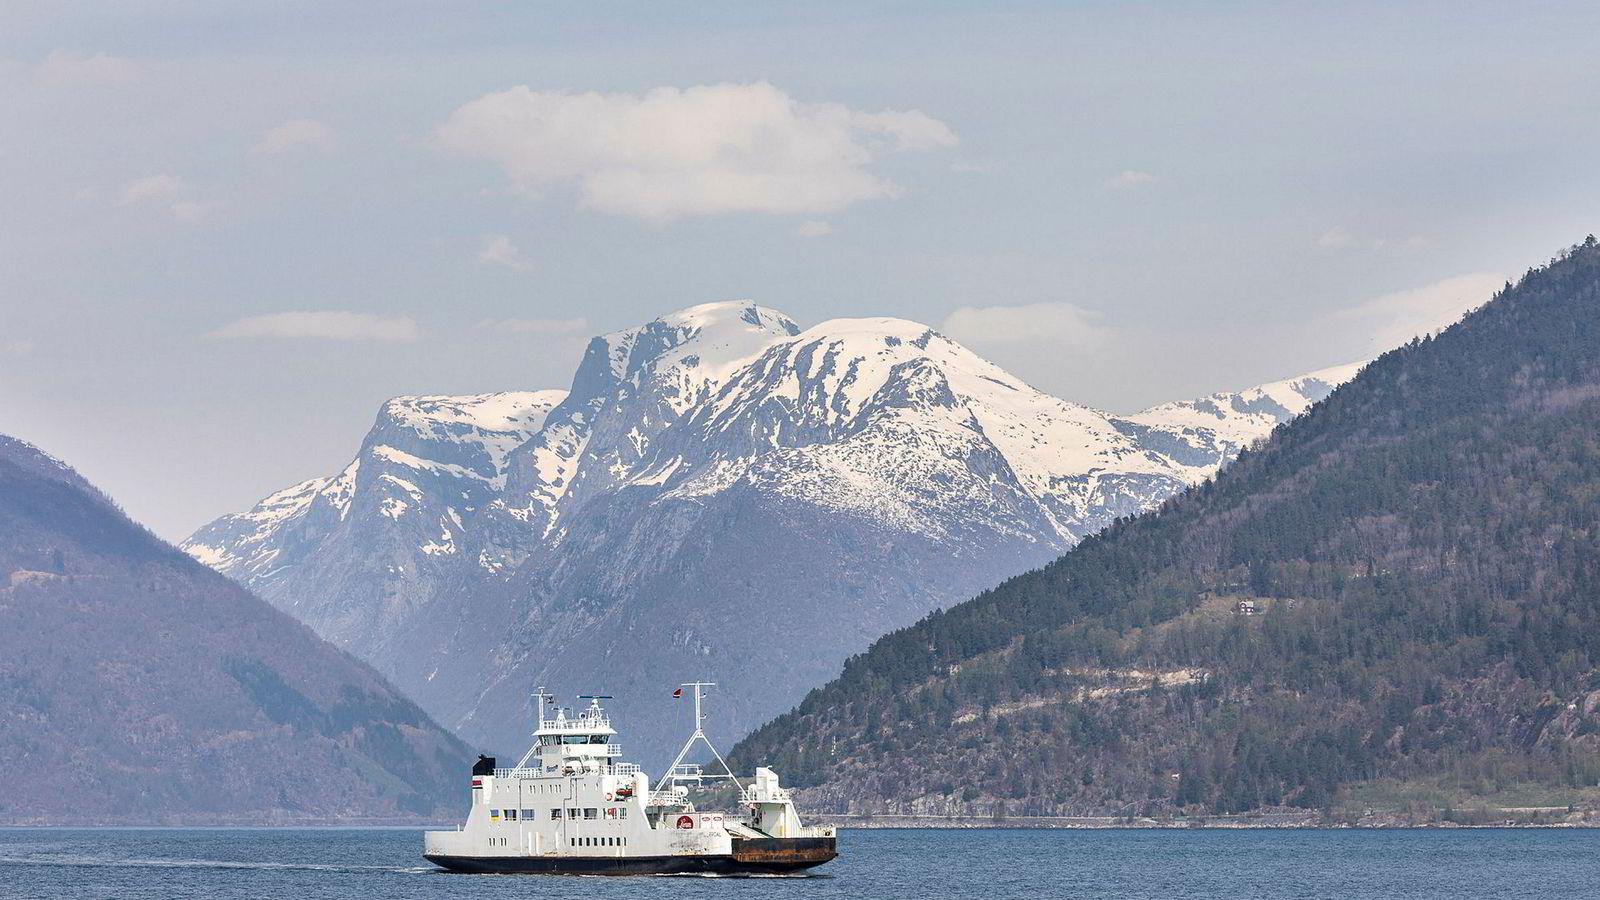 Fjord1 har mistet flere store avtaler med staten det siste året, og aksjekursen har falt kraftig siden toppen for ett år siden. Her fra strekningen mellom Dragsvik, Hella og Vangsnes i Sogn og Fjordane, som selskapet også har mistet.